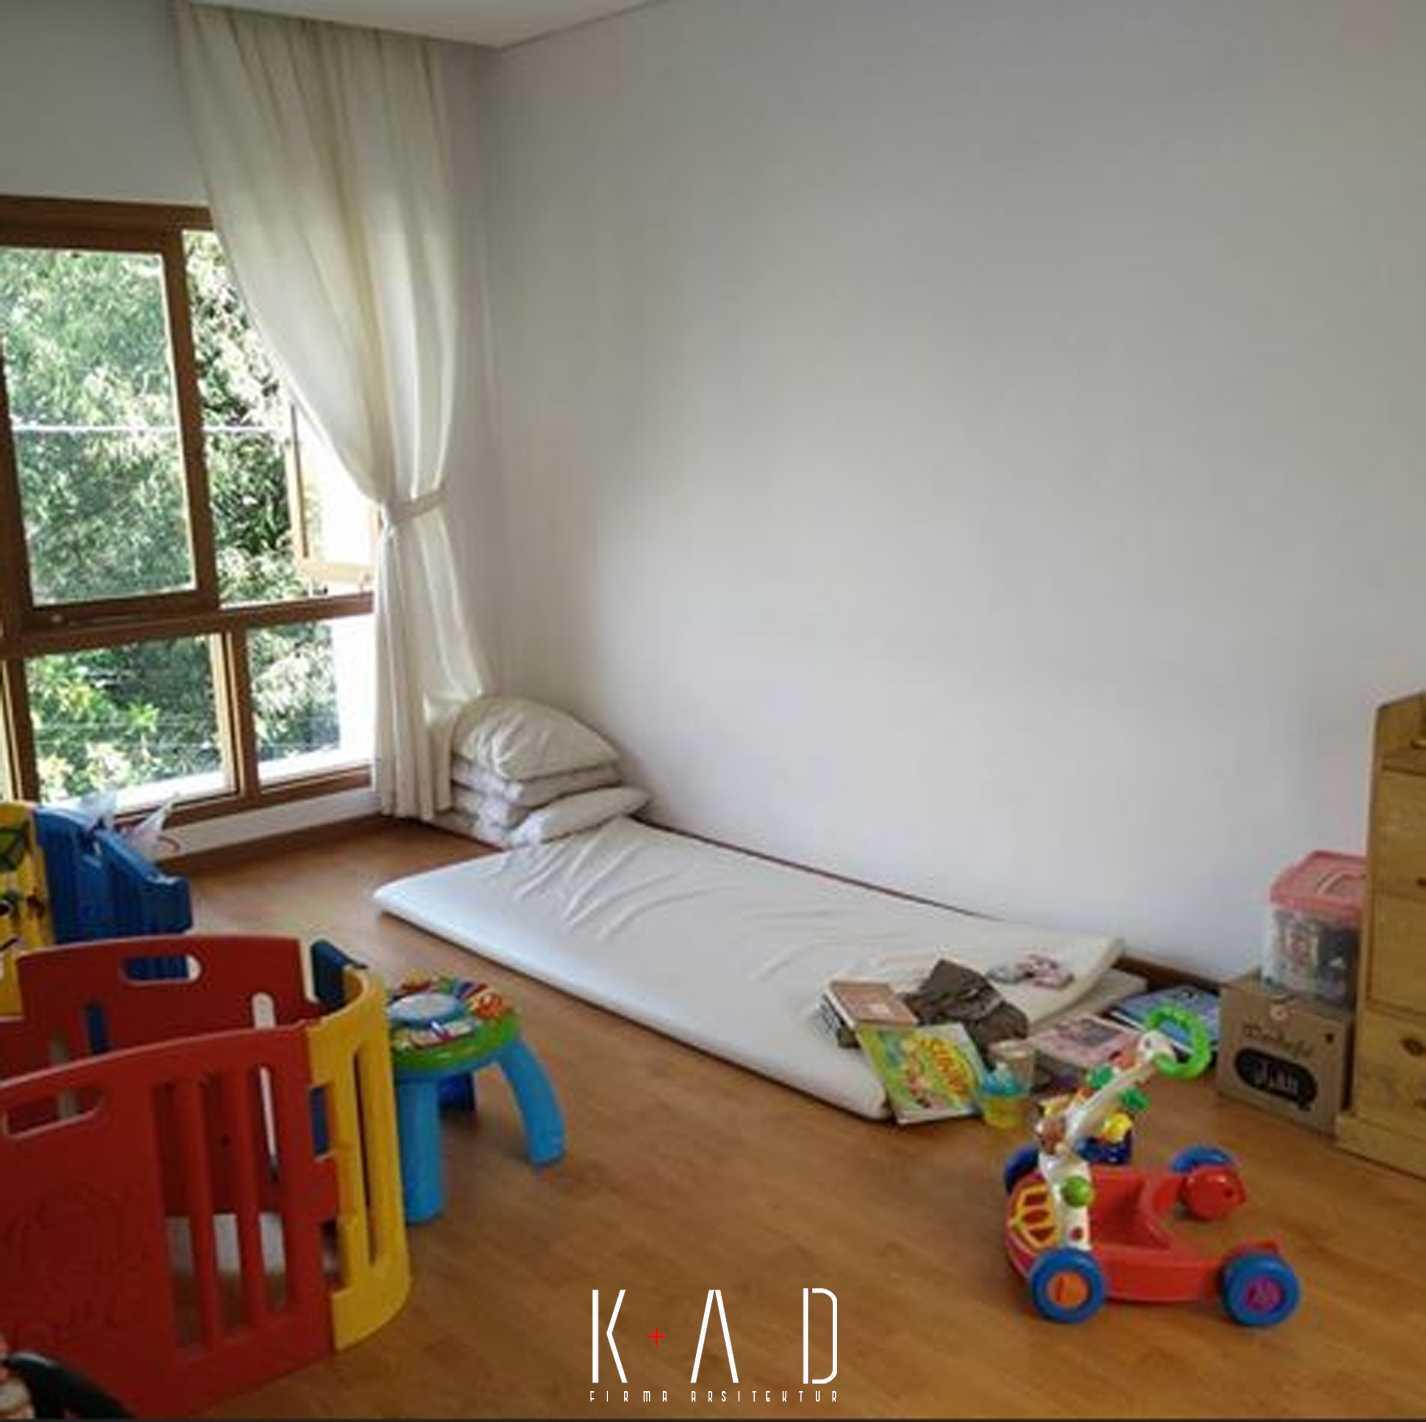 Foto inspirasi ide desain ruang belajar modern R+a house | kids roo m oleh KAD Firma Arsitektur di Arsitag